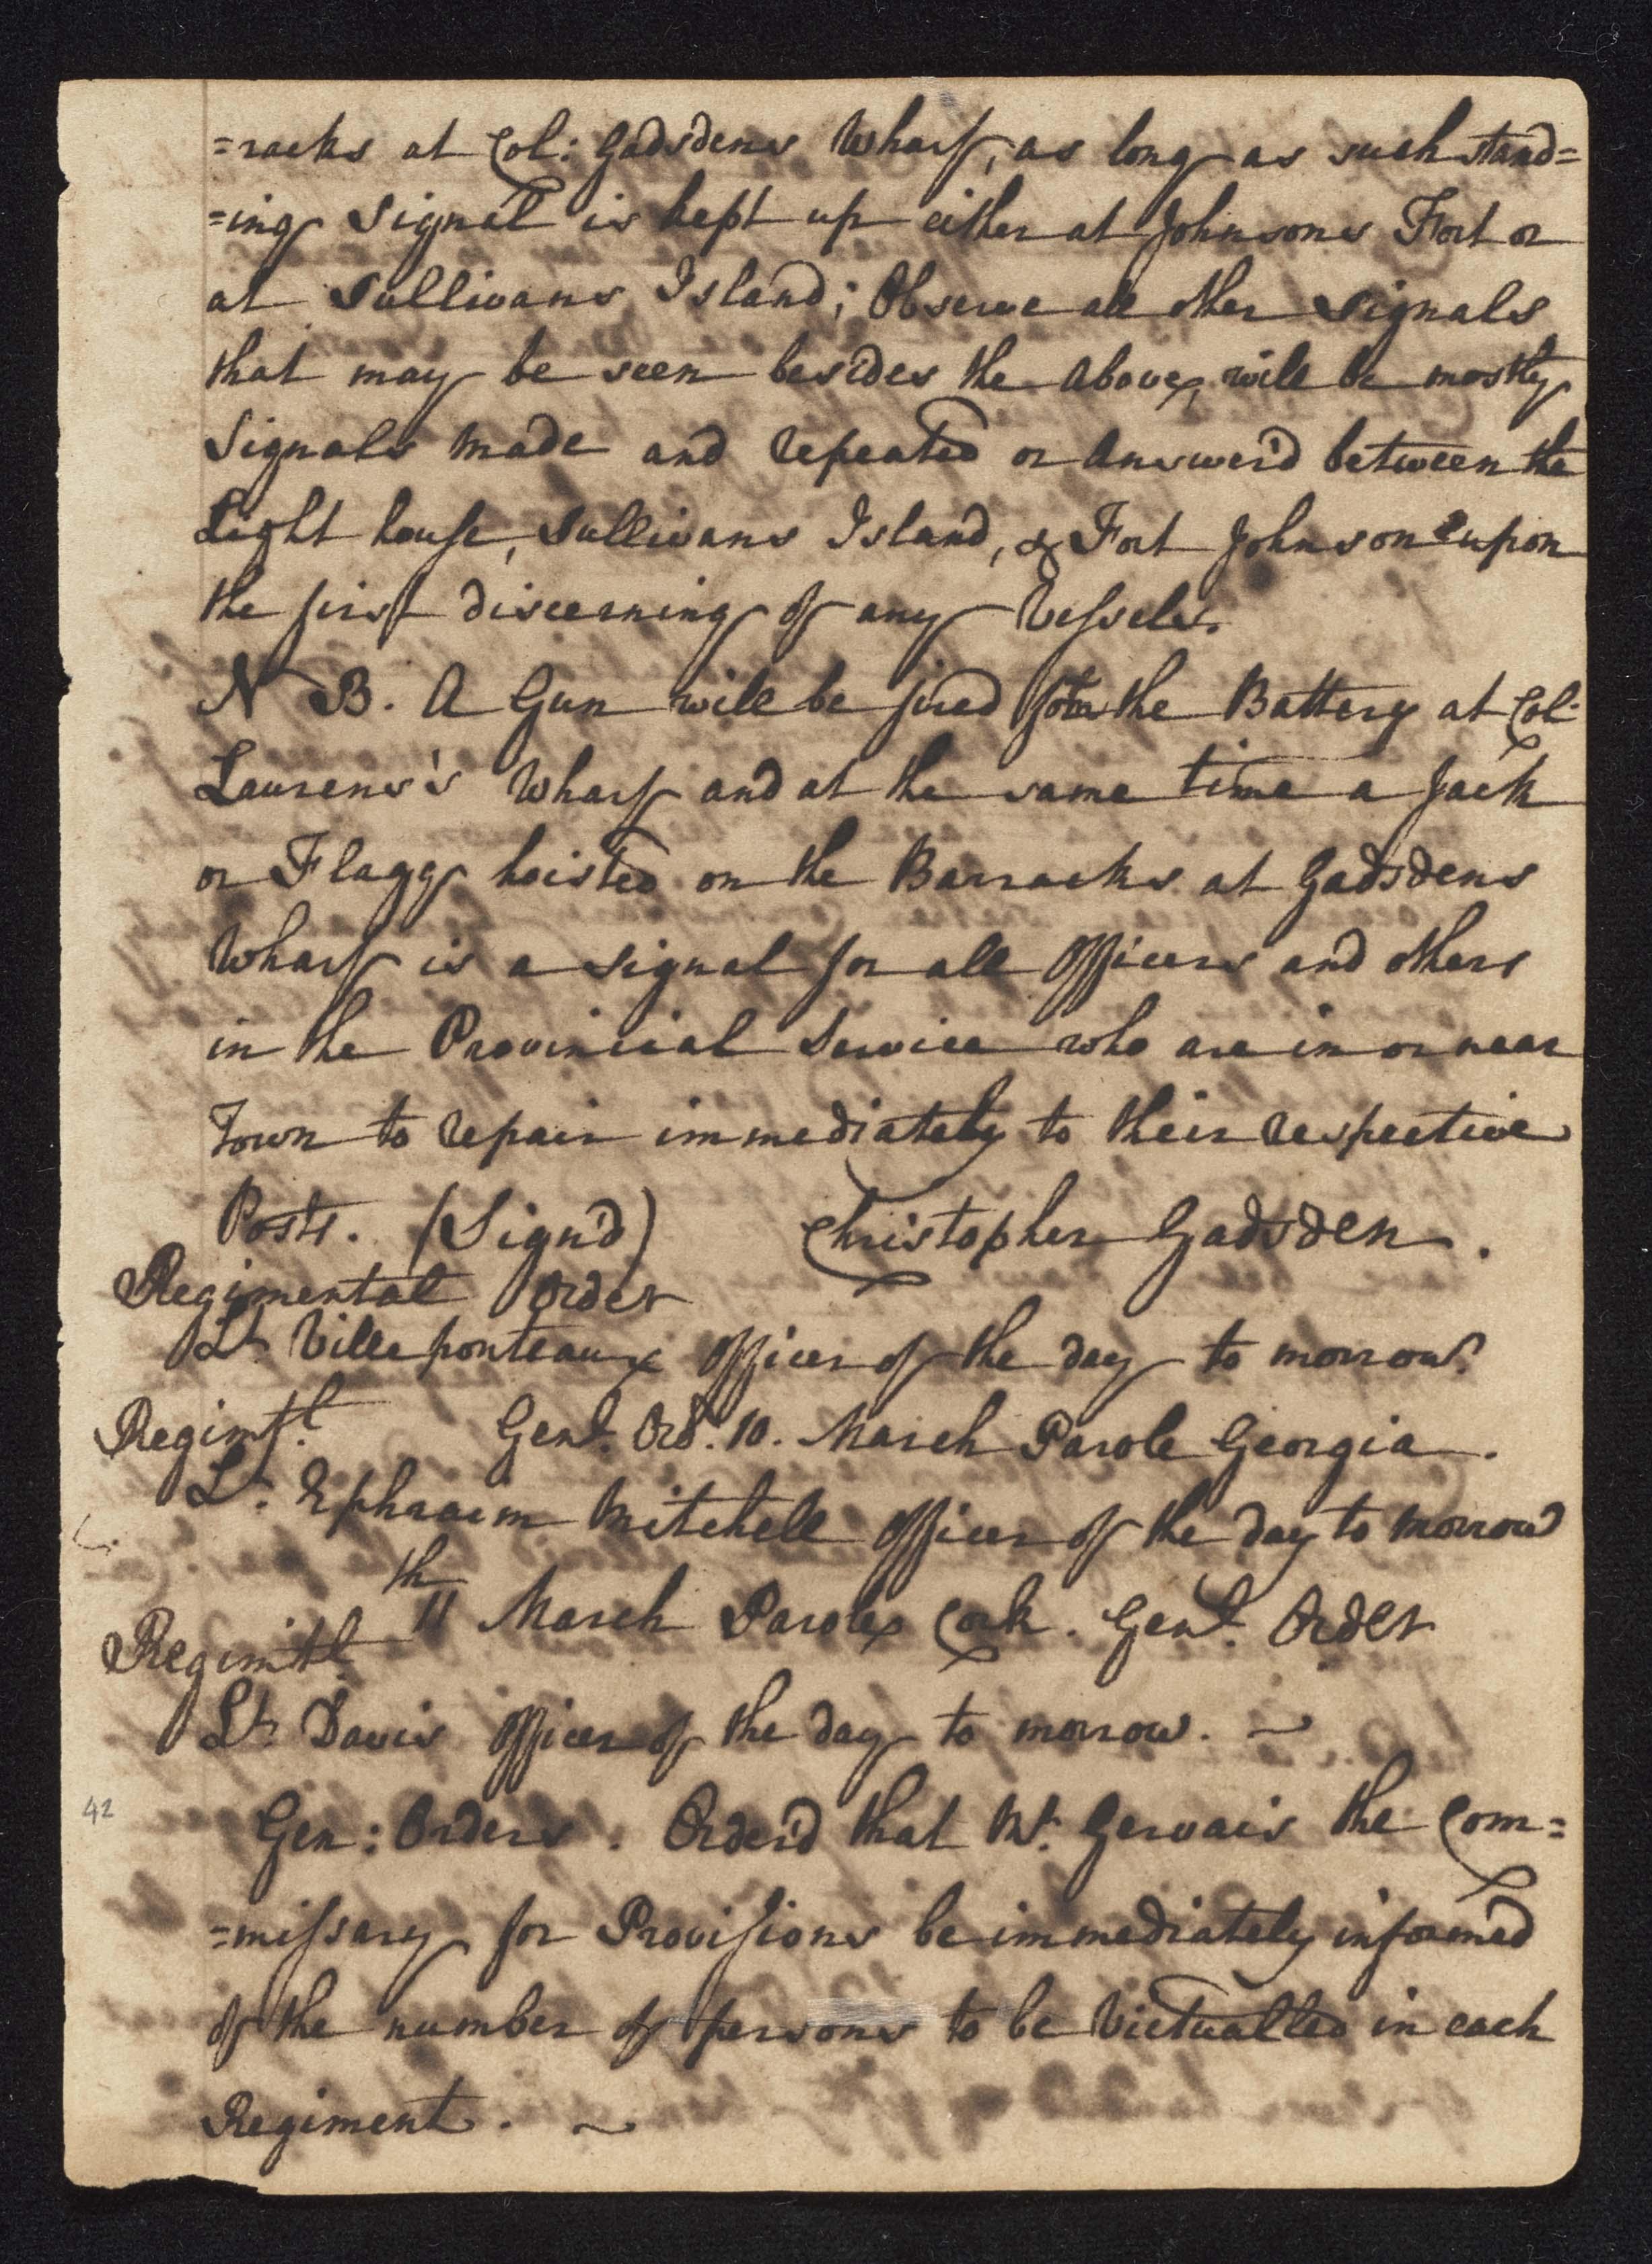 South Carolina Regiment Order Book, Page 83